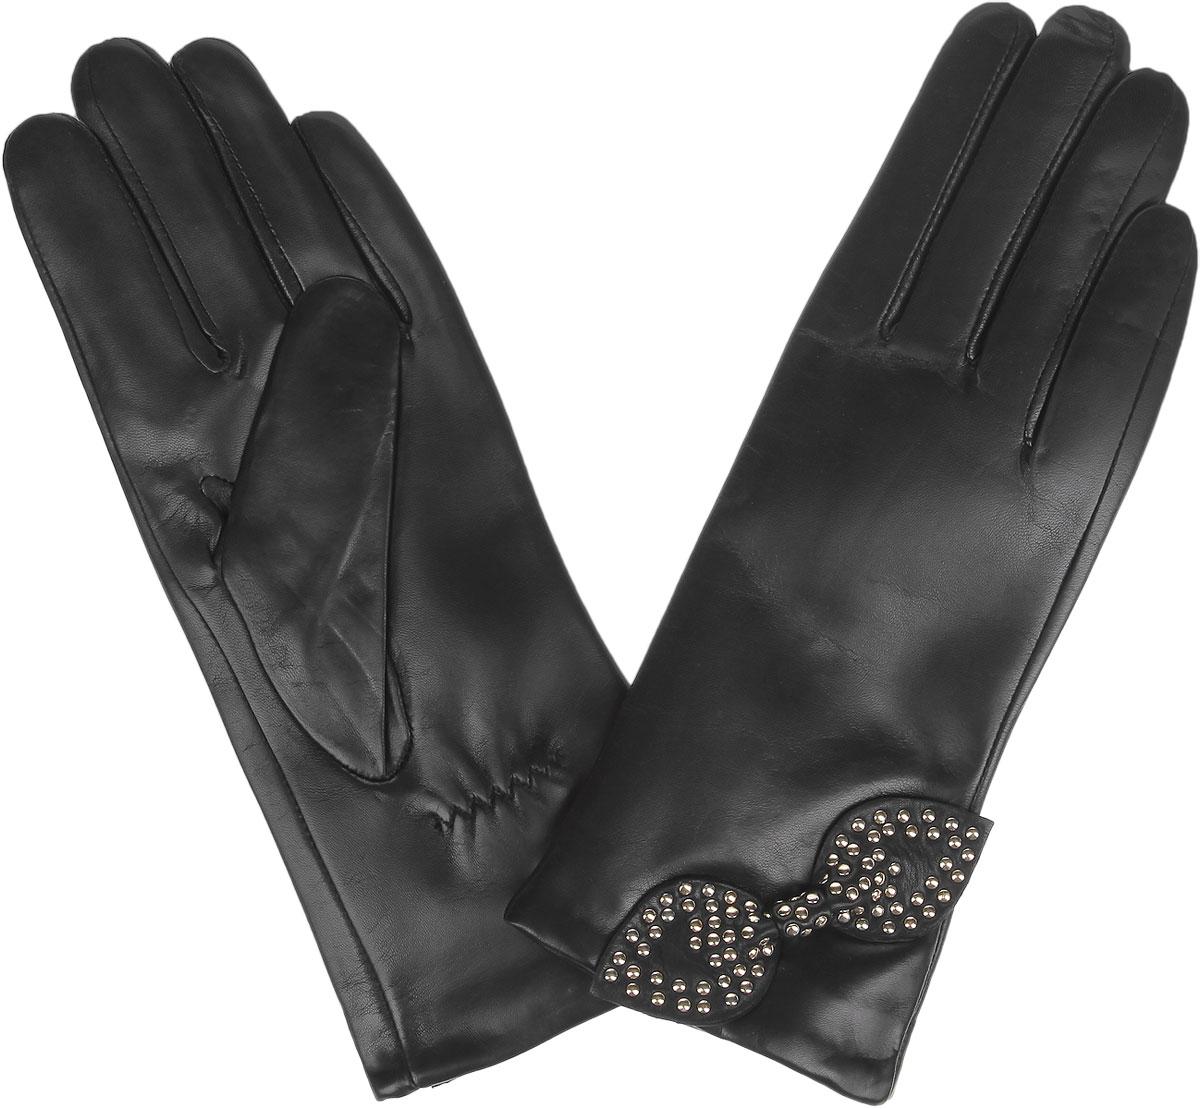 Перчатки9.79-1_blackЖенские перчатки Fabretti не только защитят ваши руки от холода, но и станут стильным украшением вашего образа. Перчатки изготовлены из натуральной кожи с подкладкой из шерсти с добавлением кашемира. Лицевая сторона модели декорирована бантом с металлическими клепками. Запястье оснащено небольшой резинкой, фиксирующей модель на руке. Перчатки Fabretti станут завершающим и подчеркивающим элементом вашего стиля.